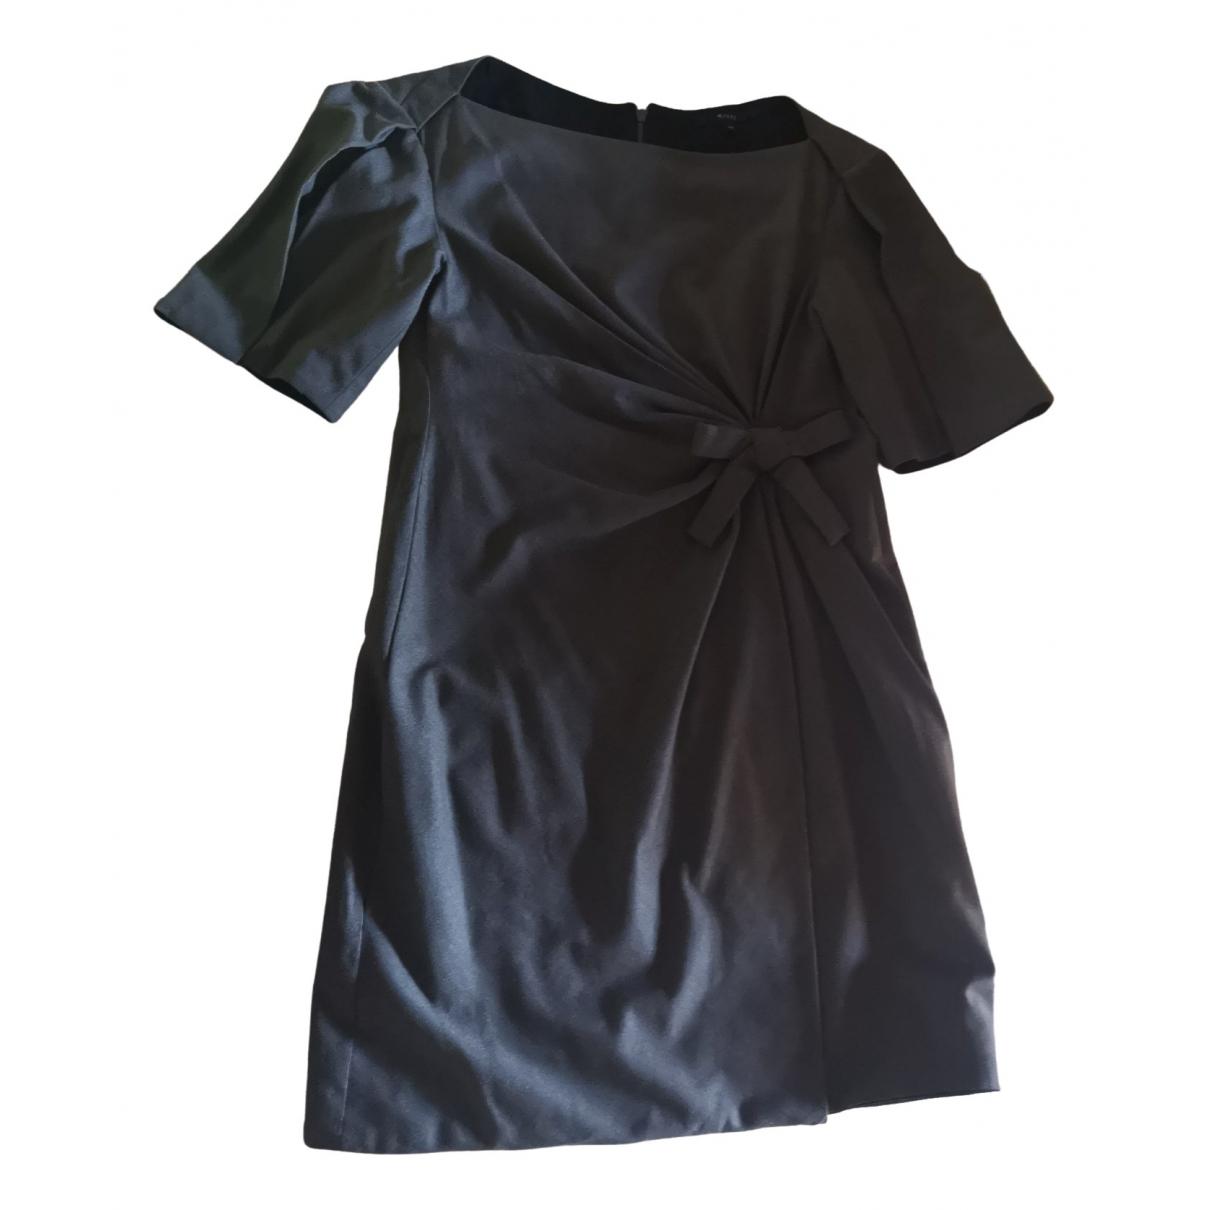 Gucci \N Kleid in  Grau Wolle